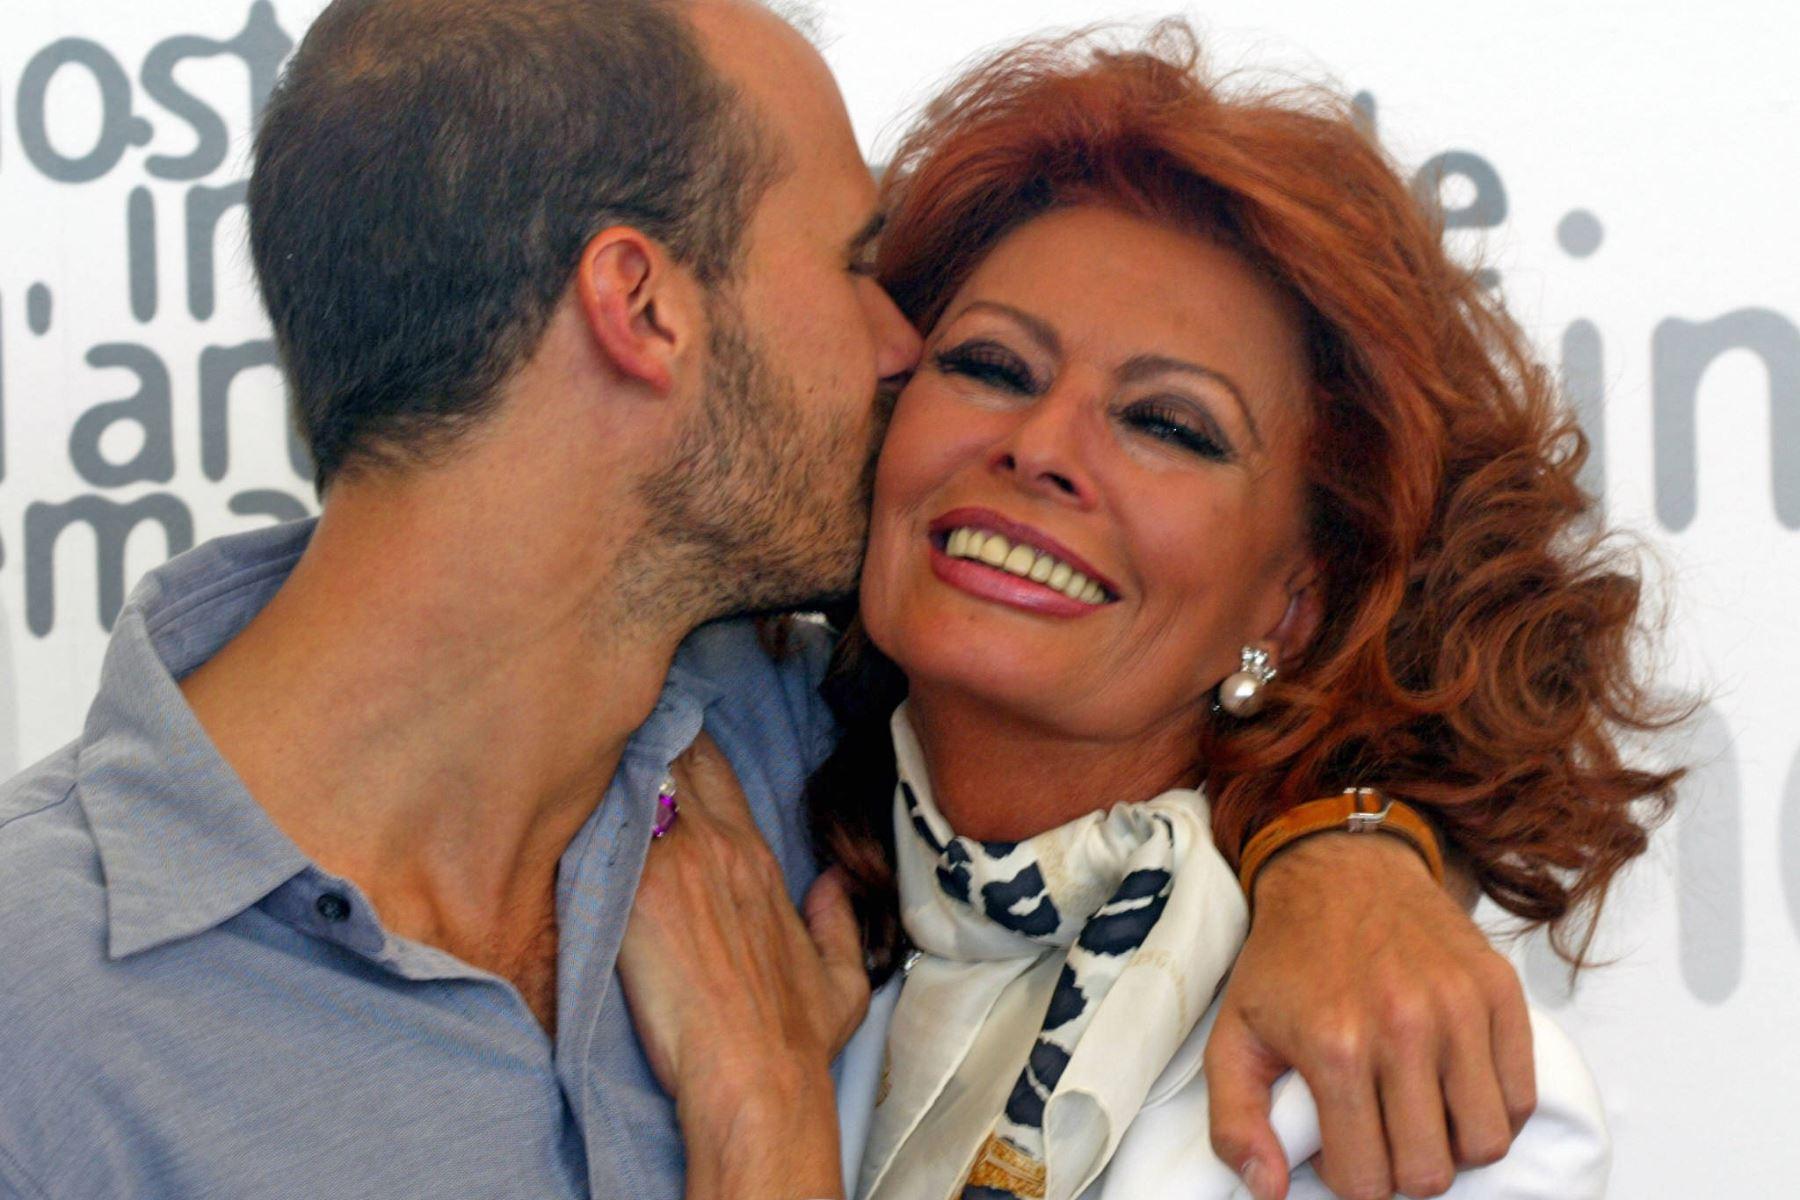 """Sophia Loren (Actriz) """"Nada hace más hermosa a una mujer que la confianza en sí misma""""."""